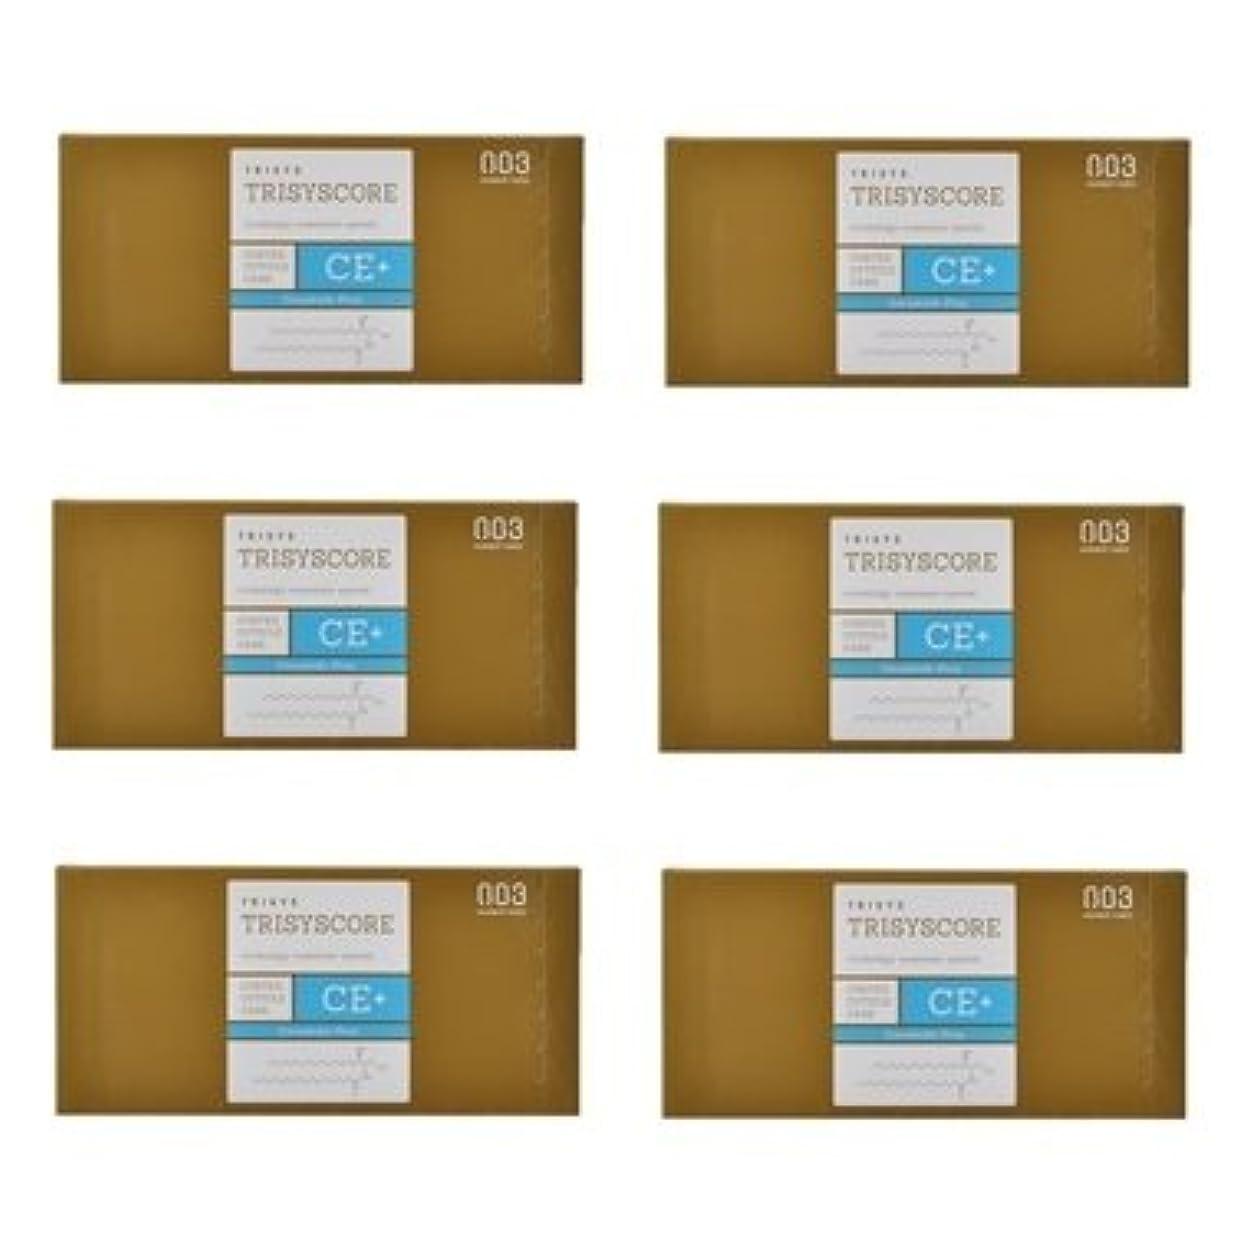 注文ぴったり推定する【X6個セット】ナンバースリー トリシスコア CEプラス (ヘアトリートメント) 12g × 4包入り